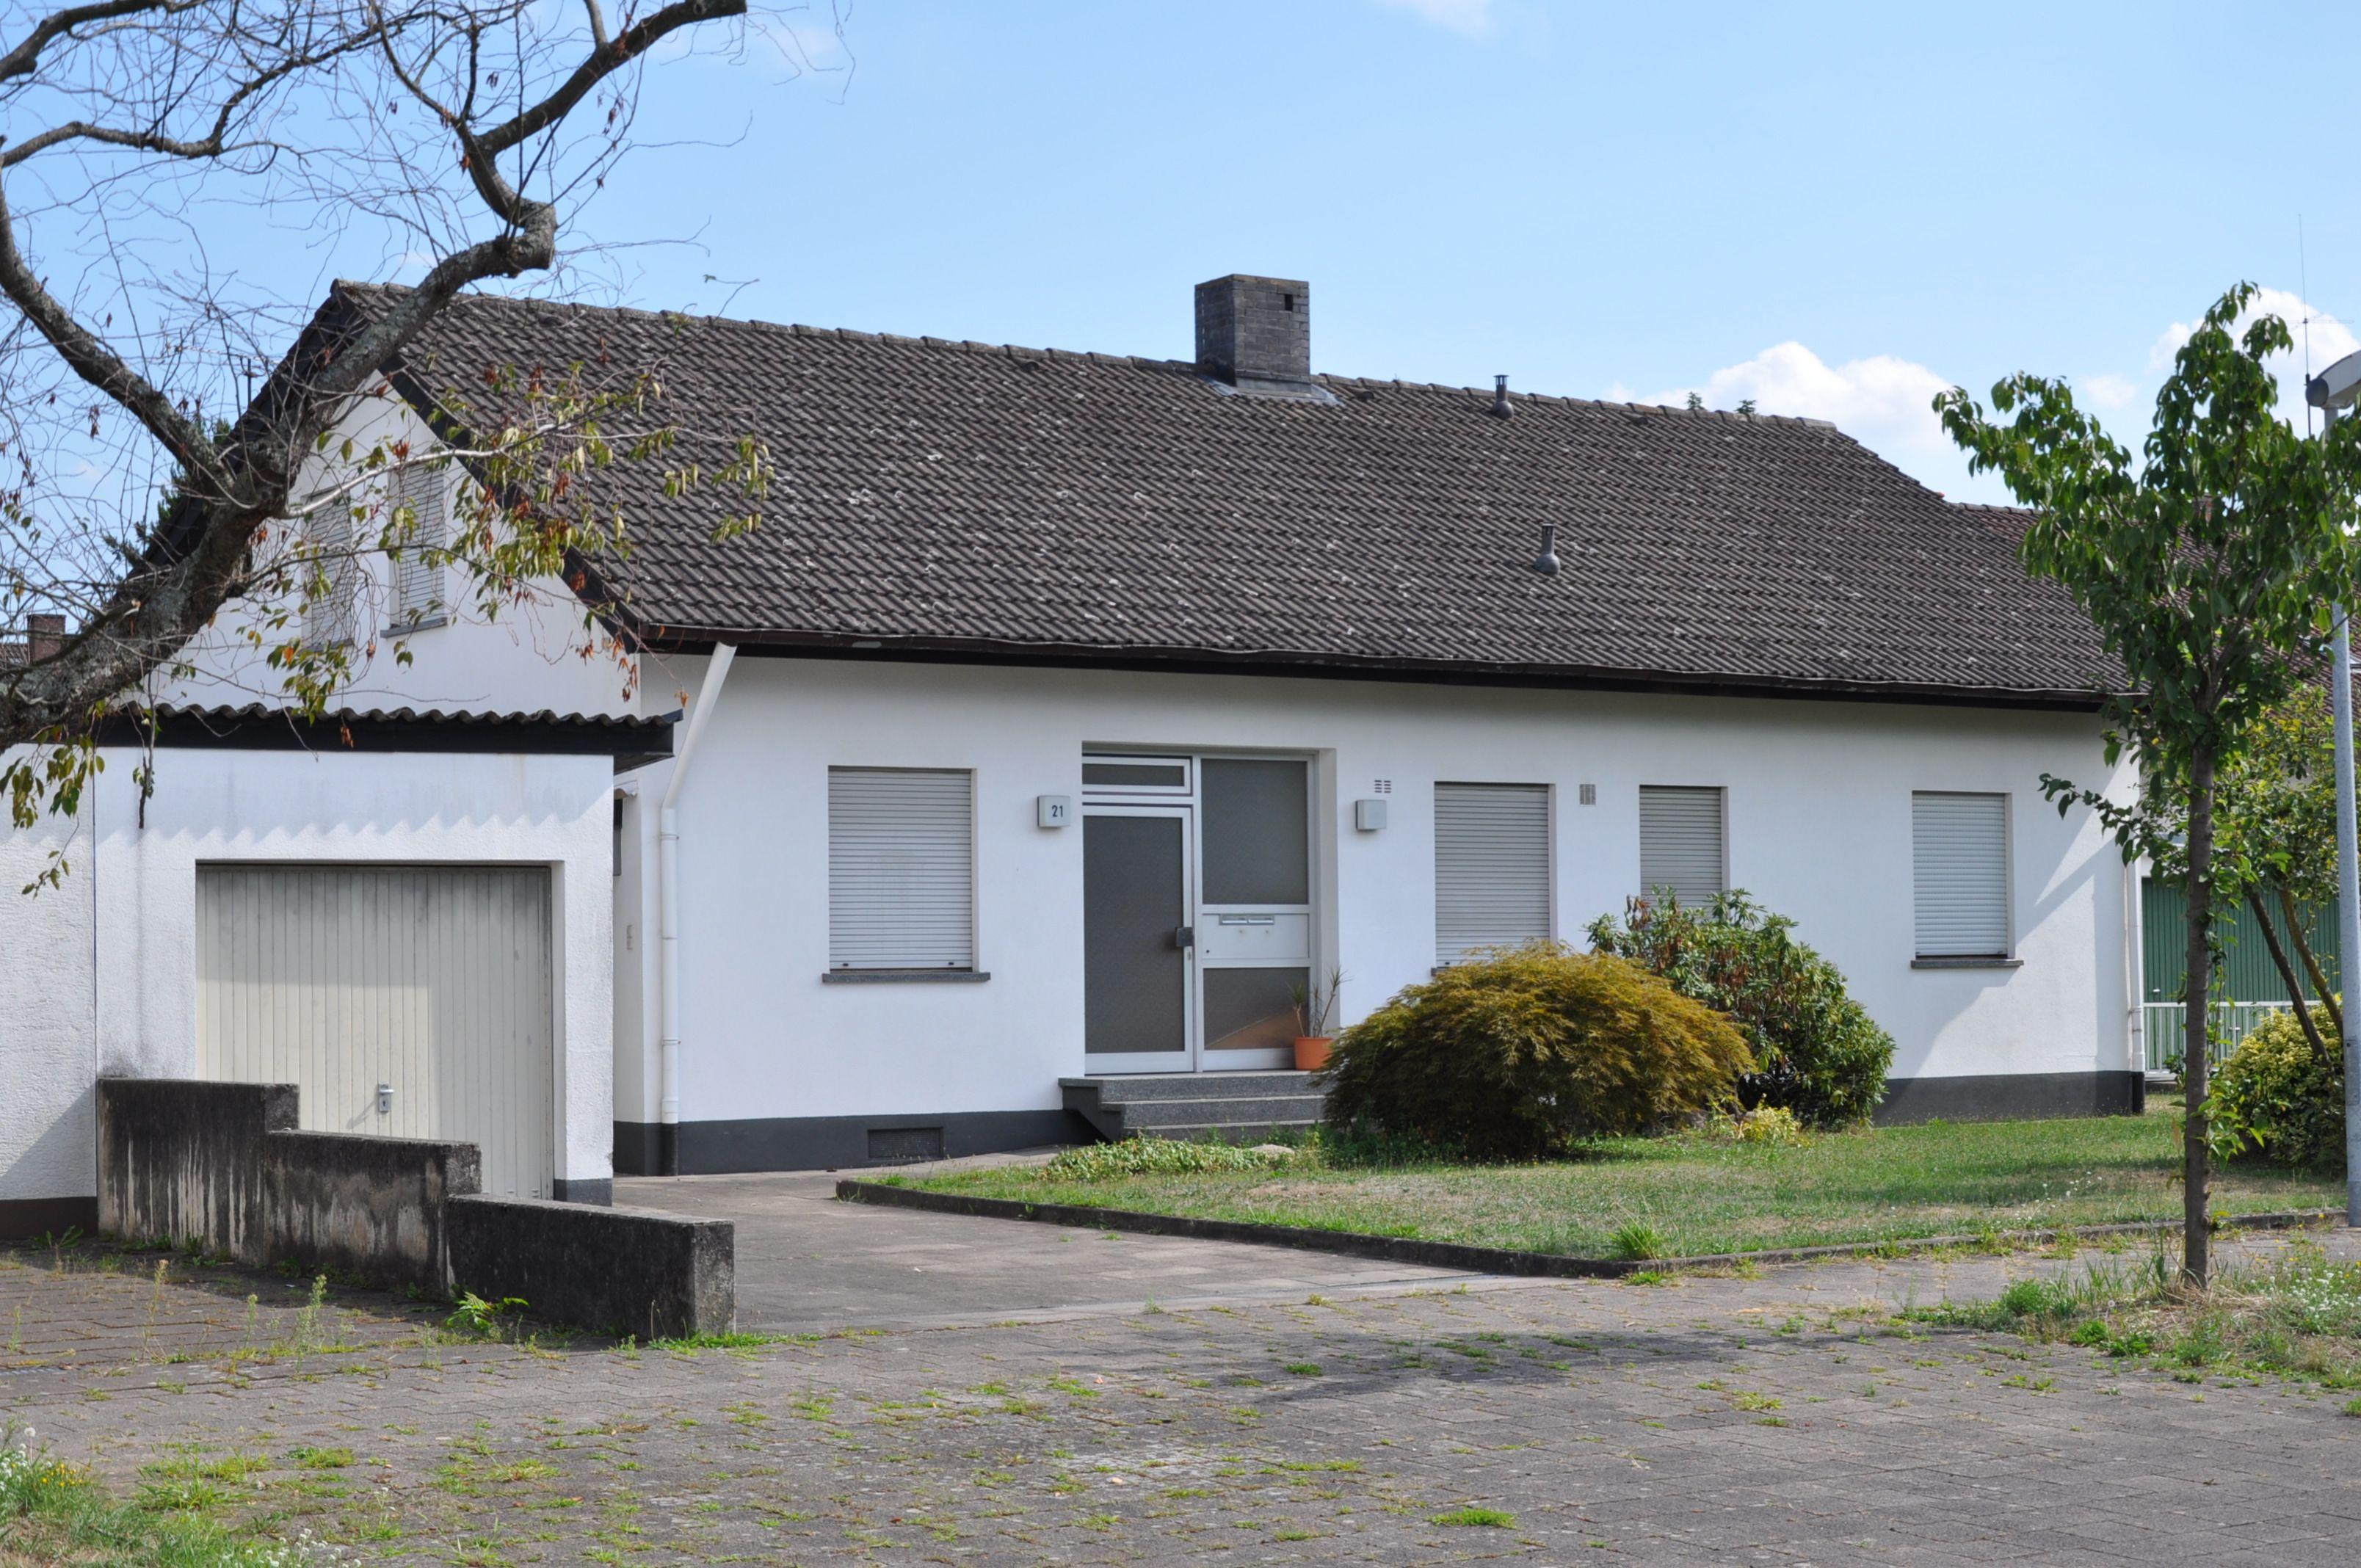 Familienhaus in Karlsruhe Straßenansicht Haus, Familien